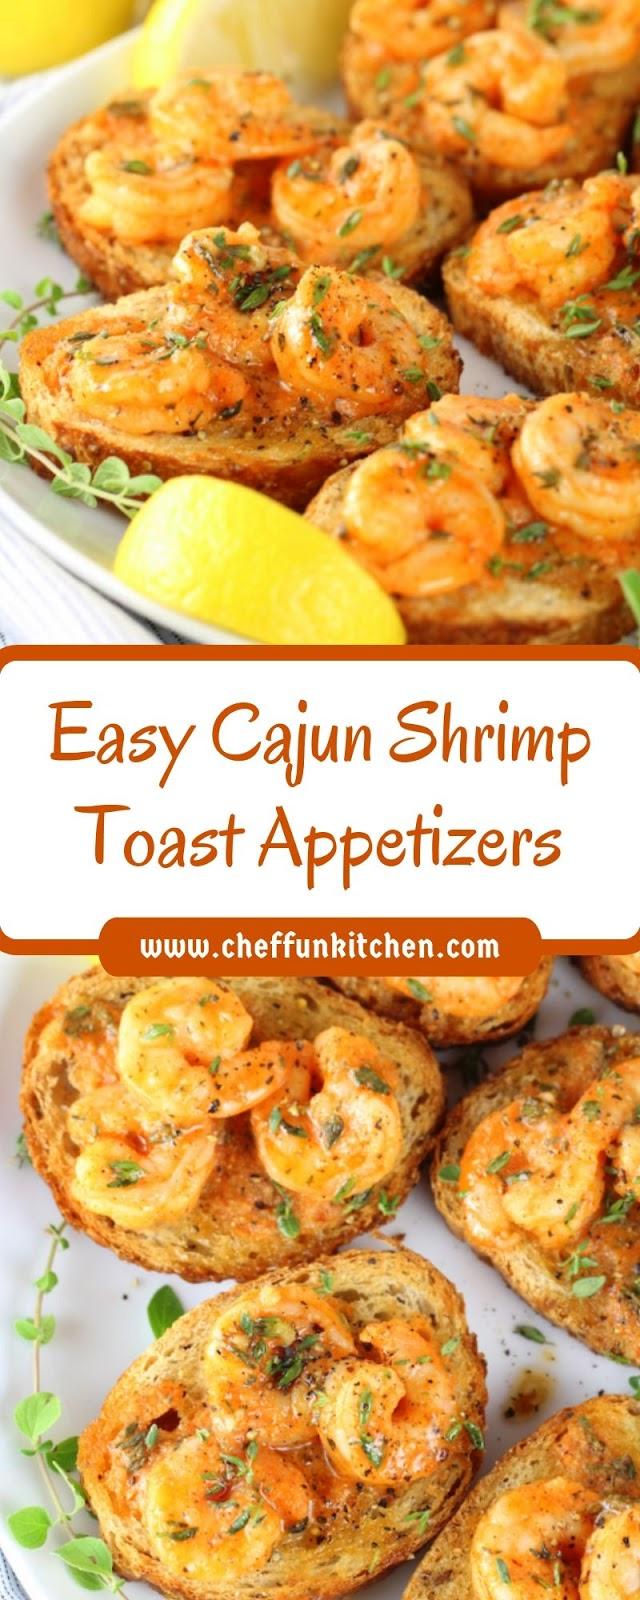 Easy Cajun Shrimp Toast Appetizers #cajunandcreolerecipes